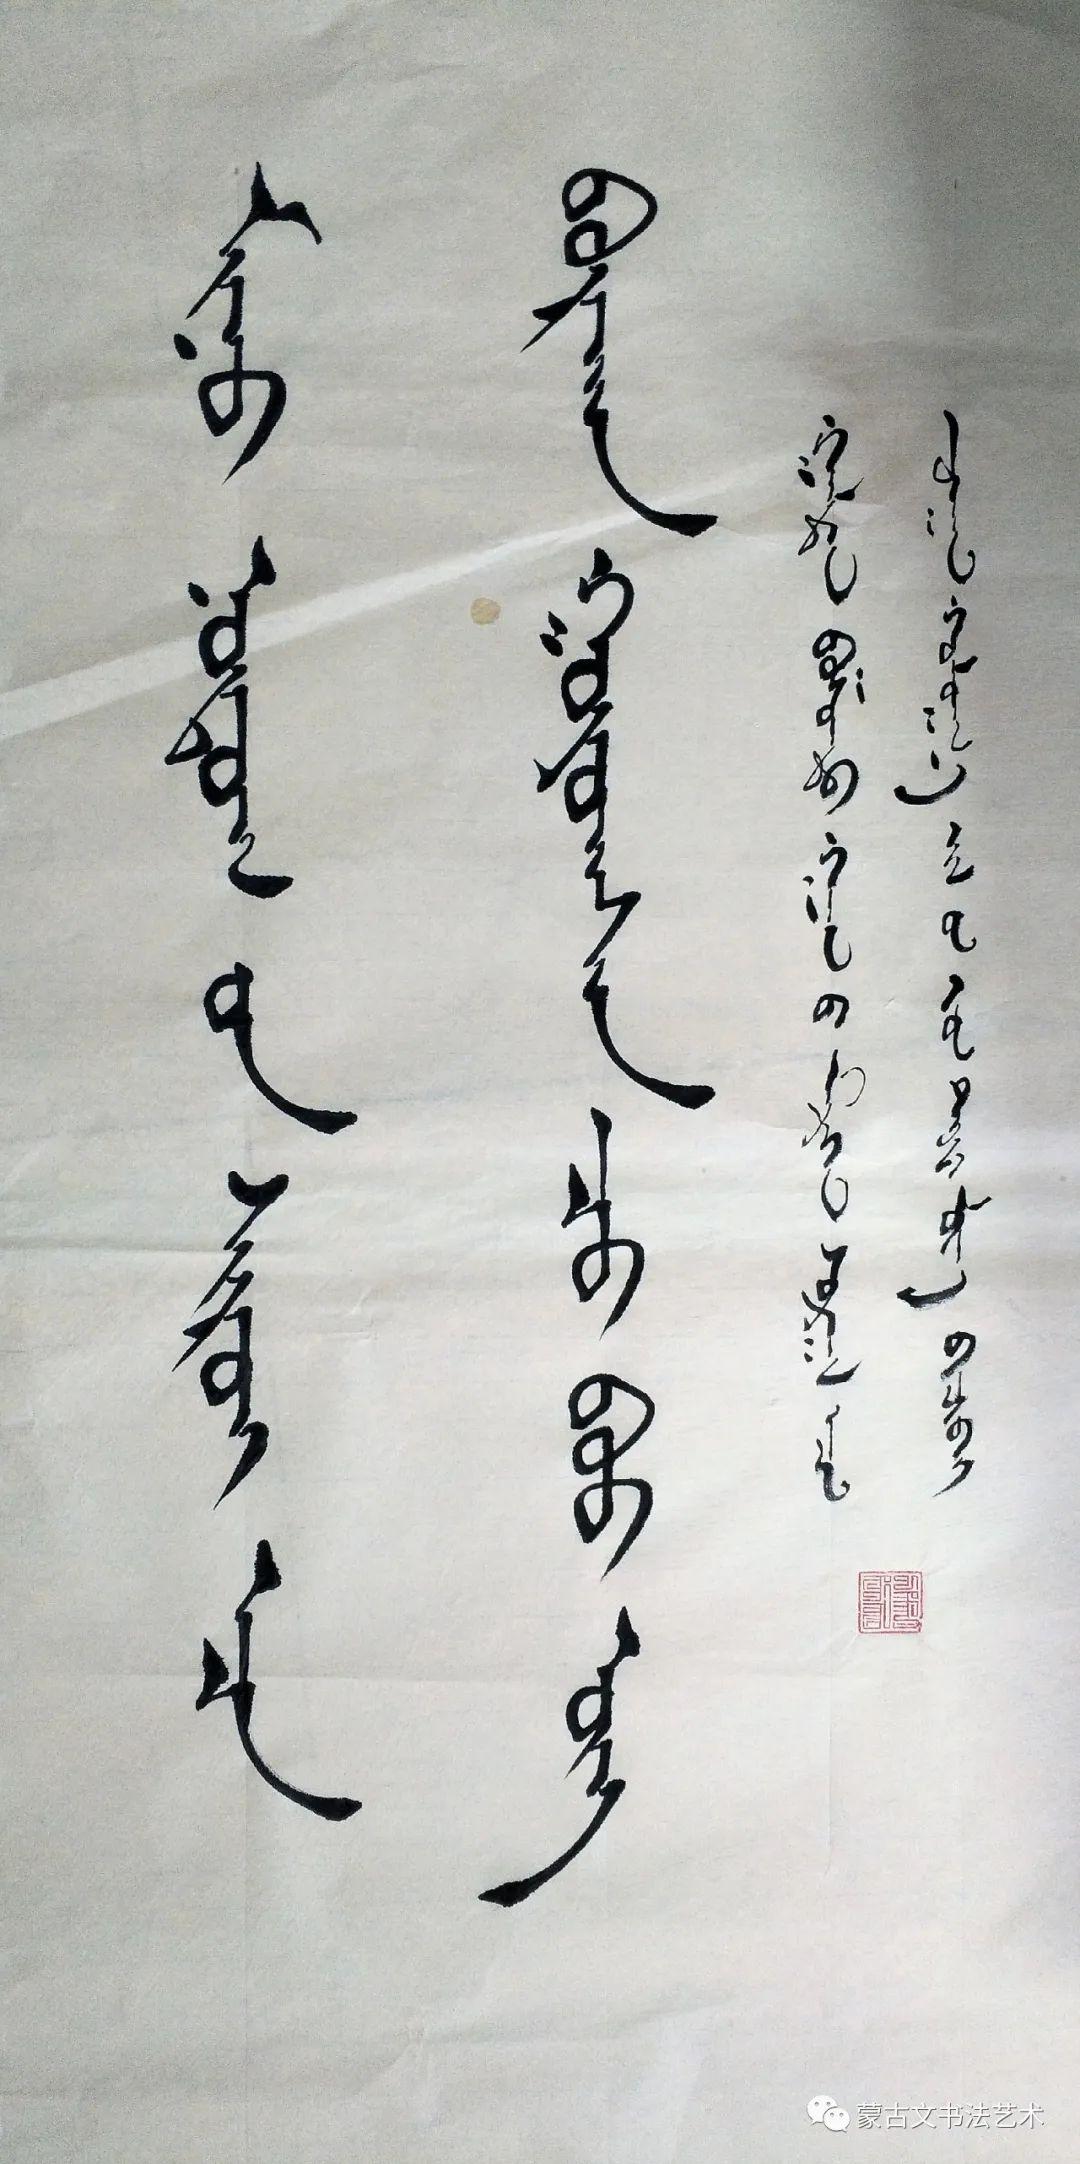 铁龙蒙古文书法 第3张 铁龙蒙古文书法 蒙古书法